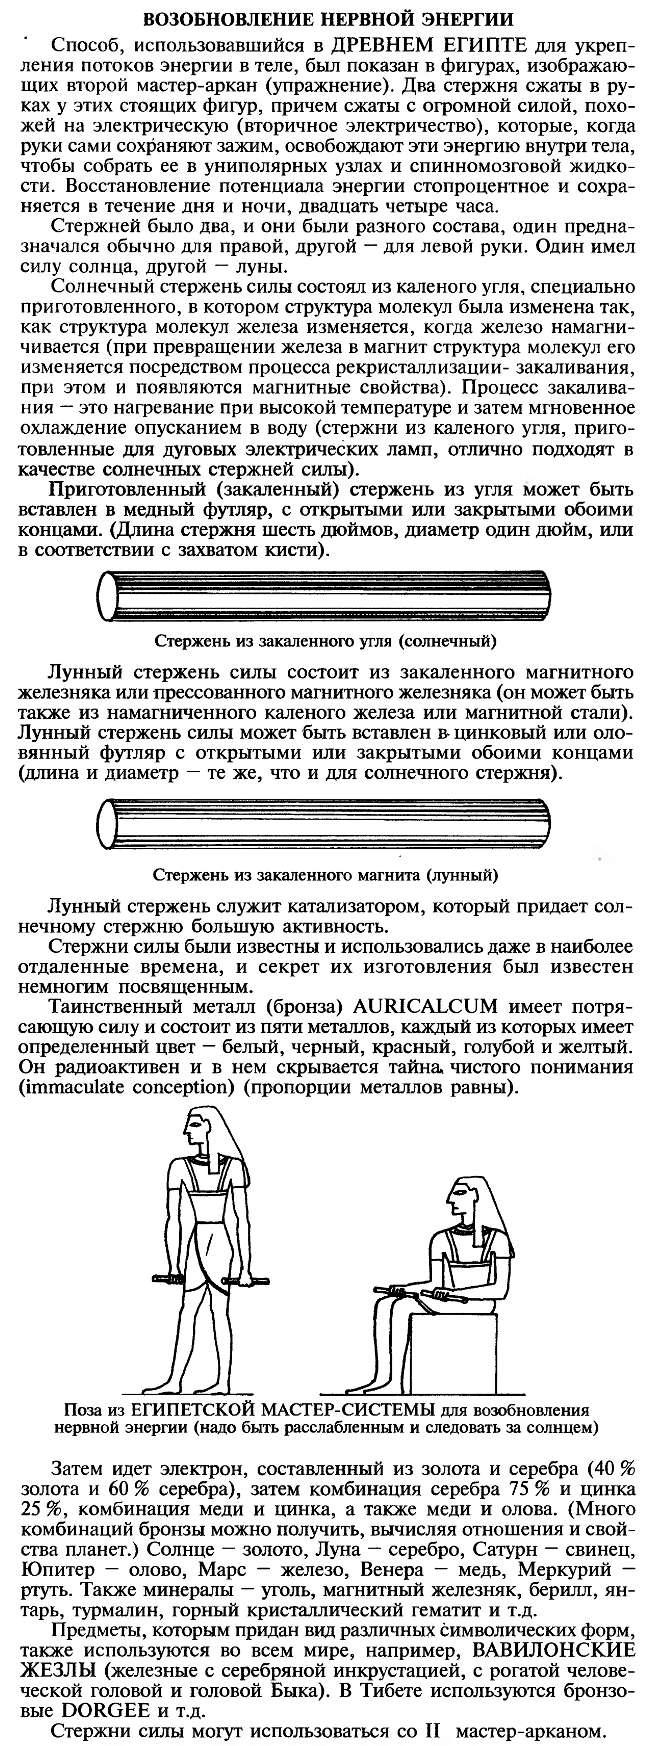 цилиндры фараона валевского